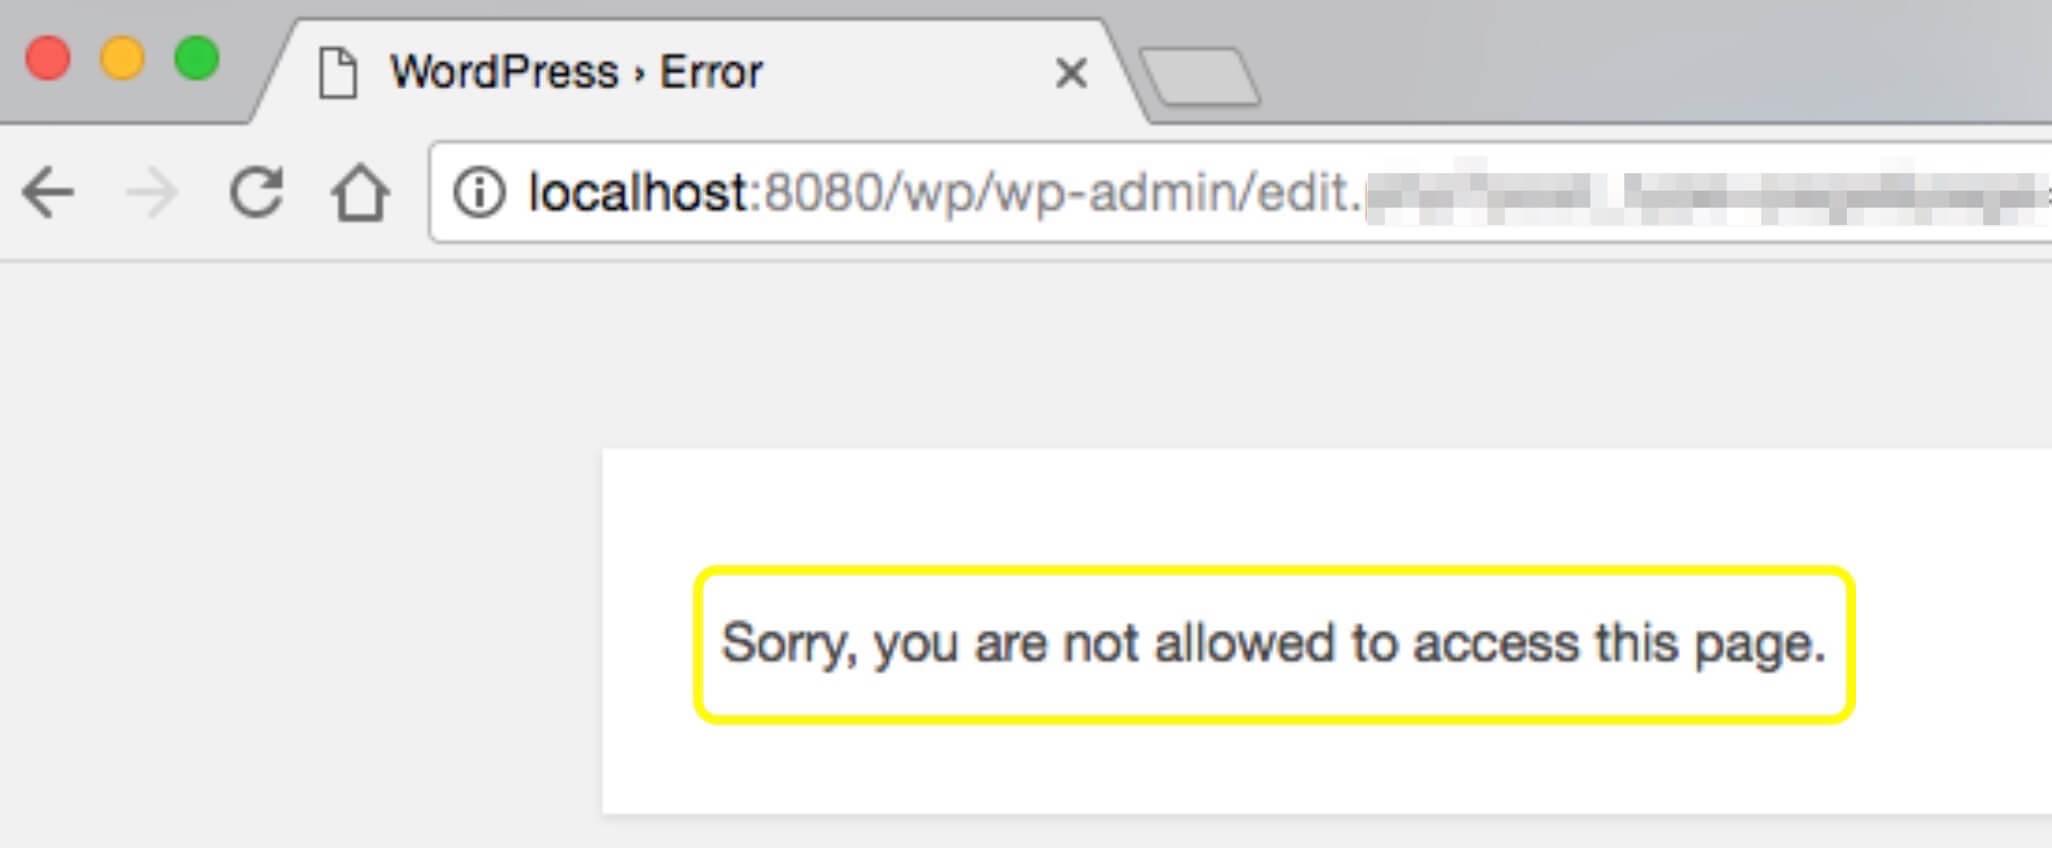 خطای شما اجازه دسترسی به این صفحه را ندارید